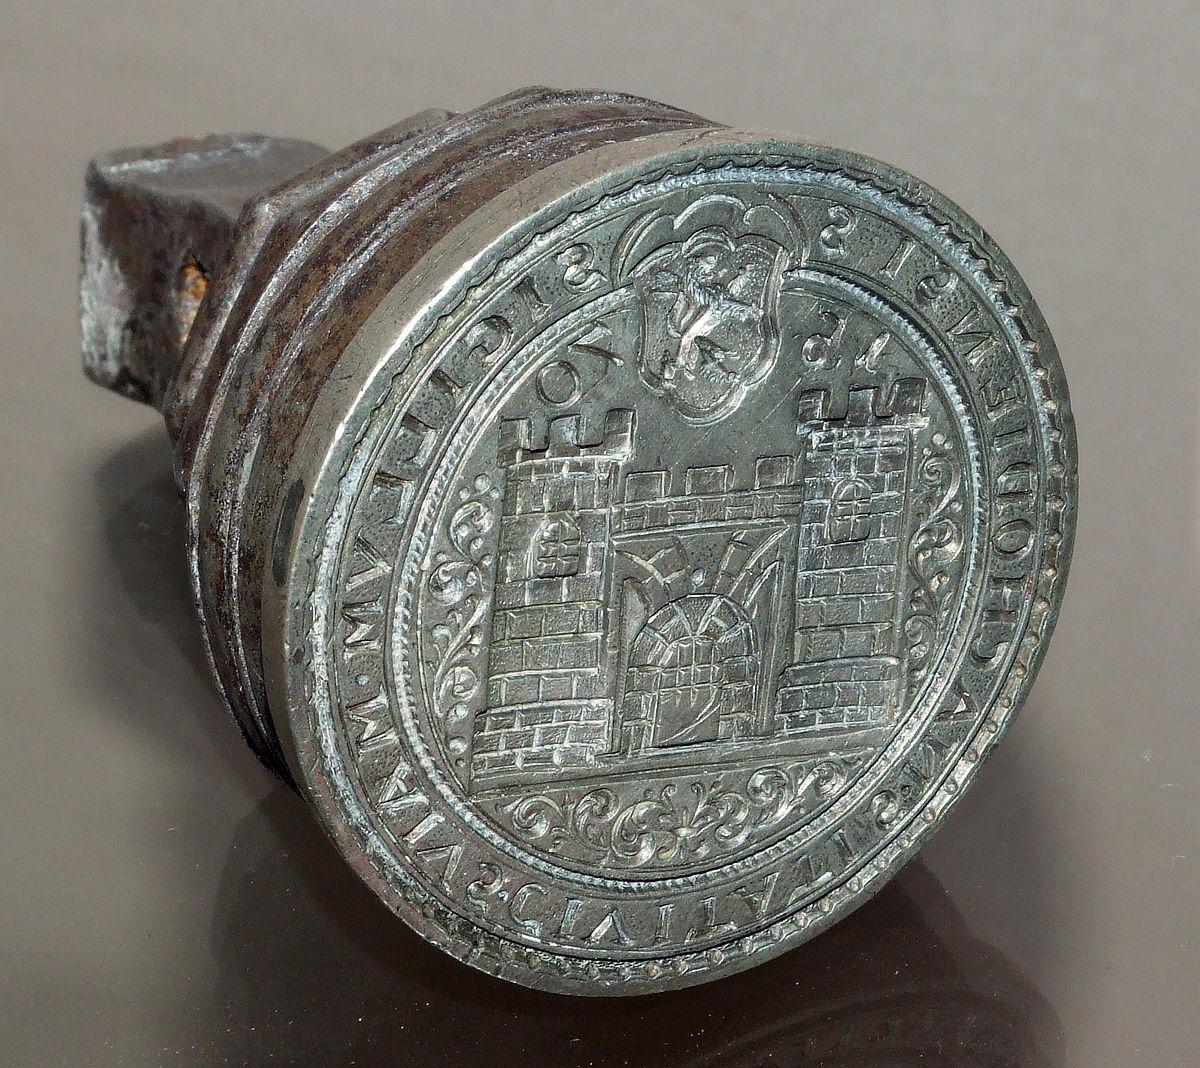 Seal emblem  Wikipedia